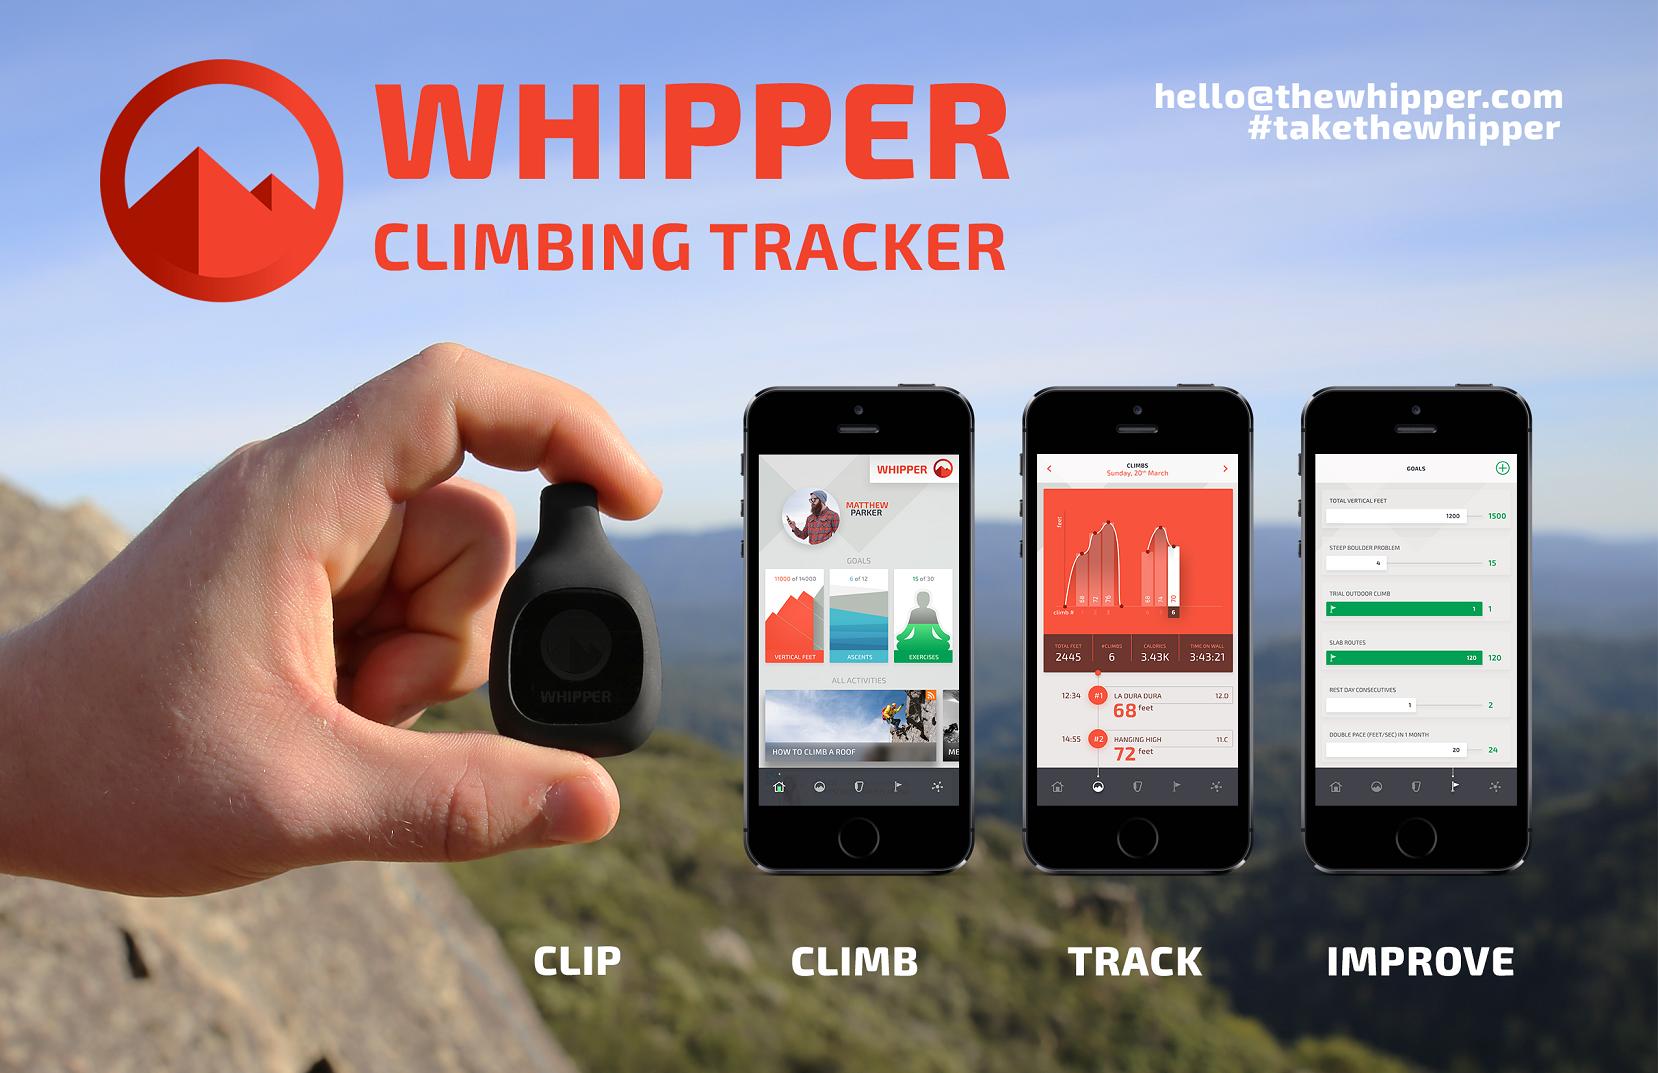 Whipper app